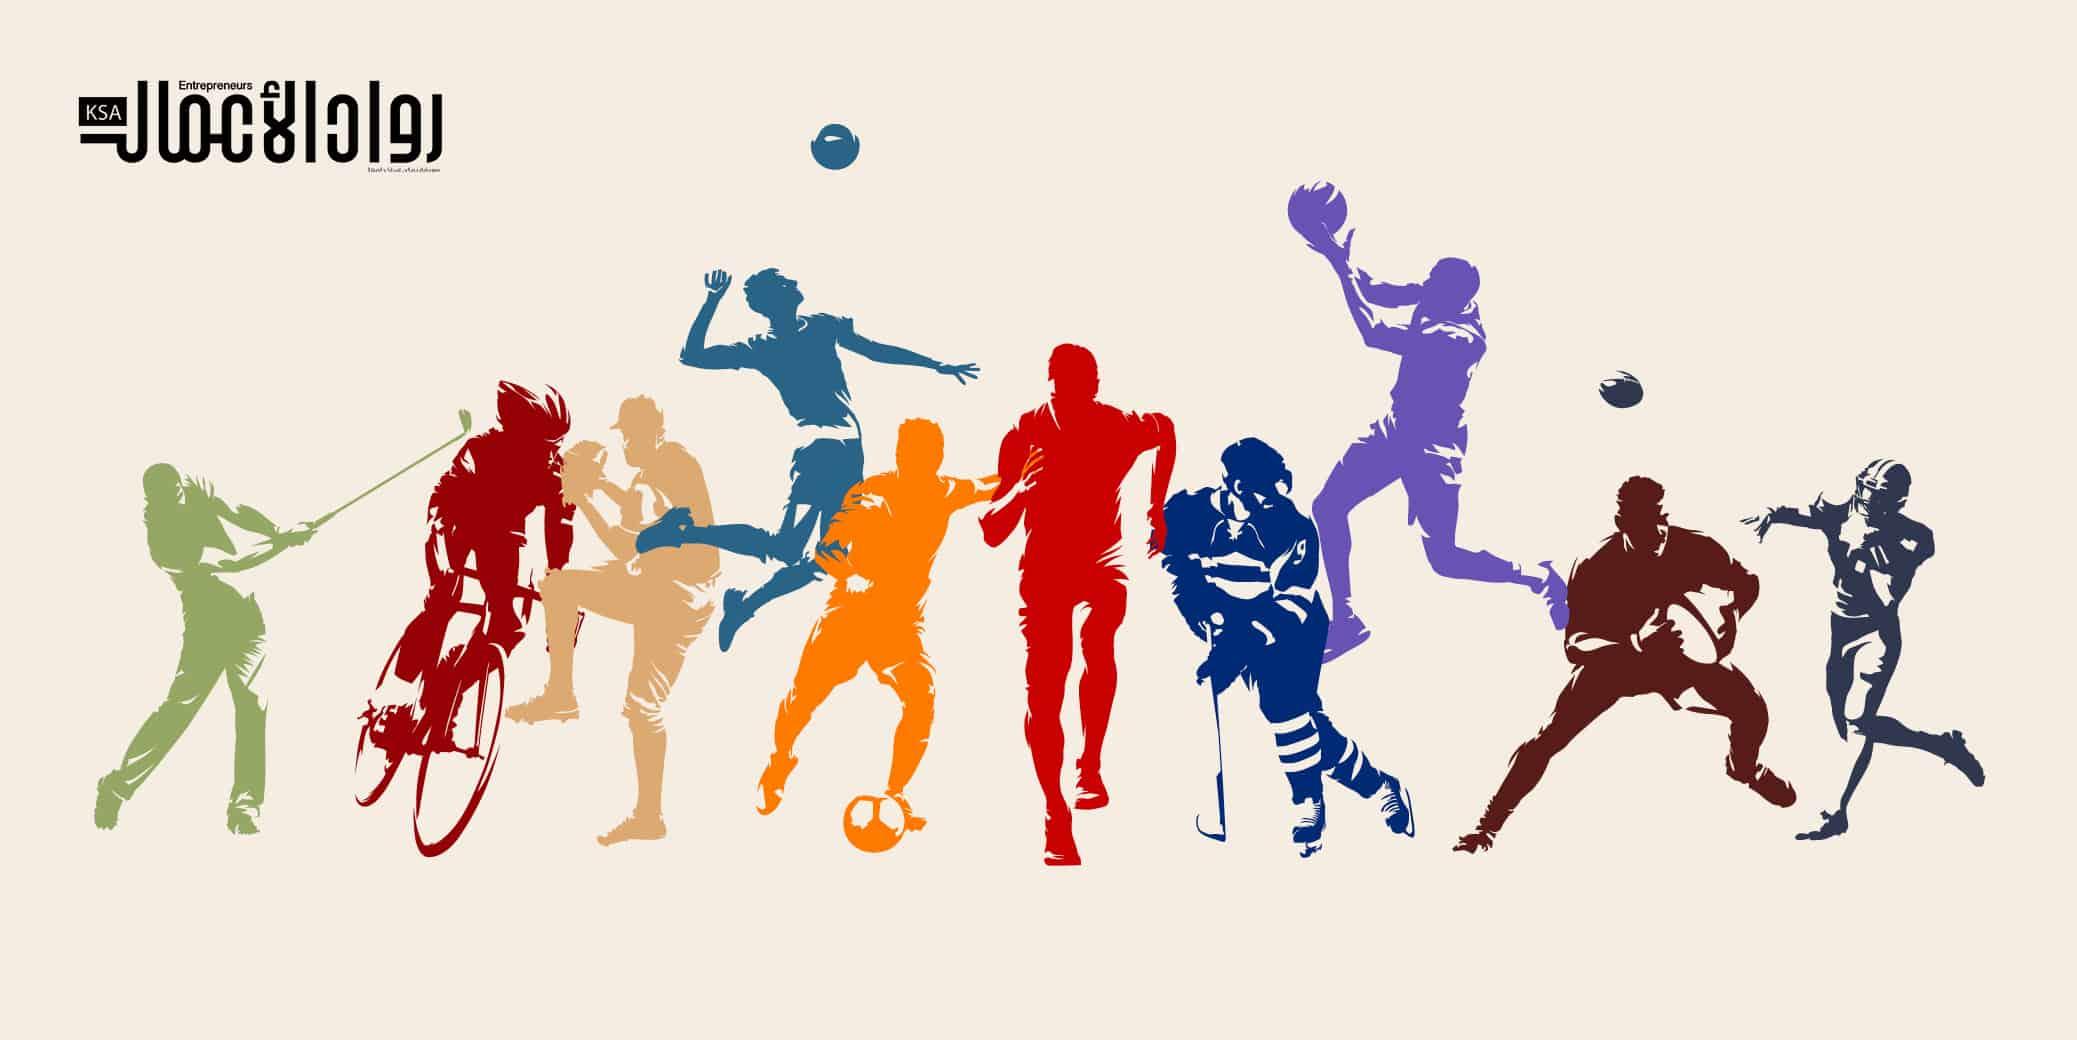 أفكار مشاريع في المجال الرياضي